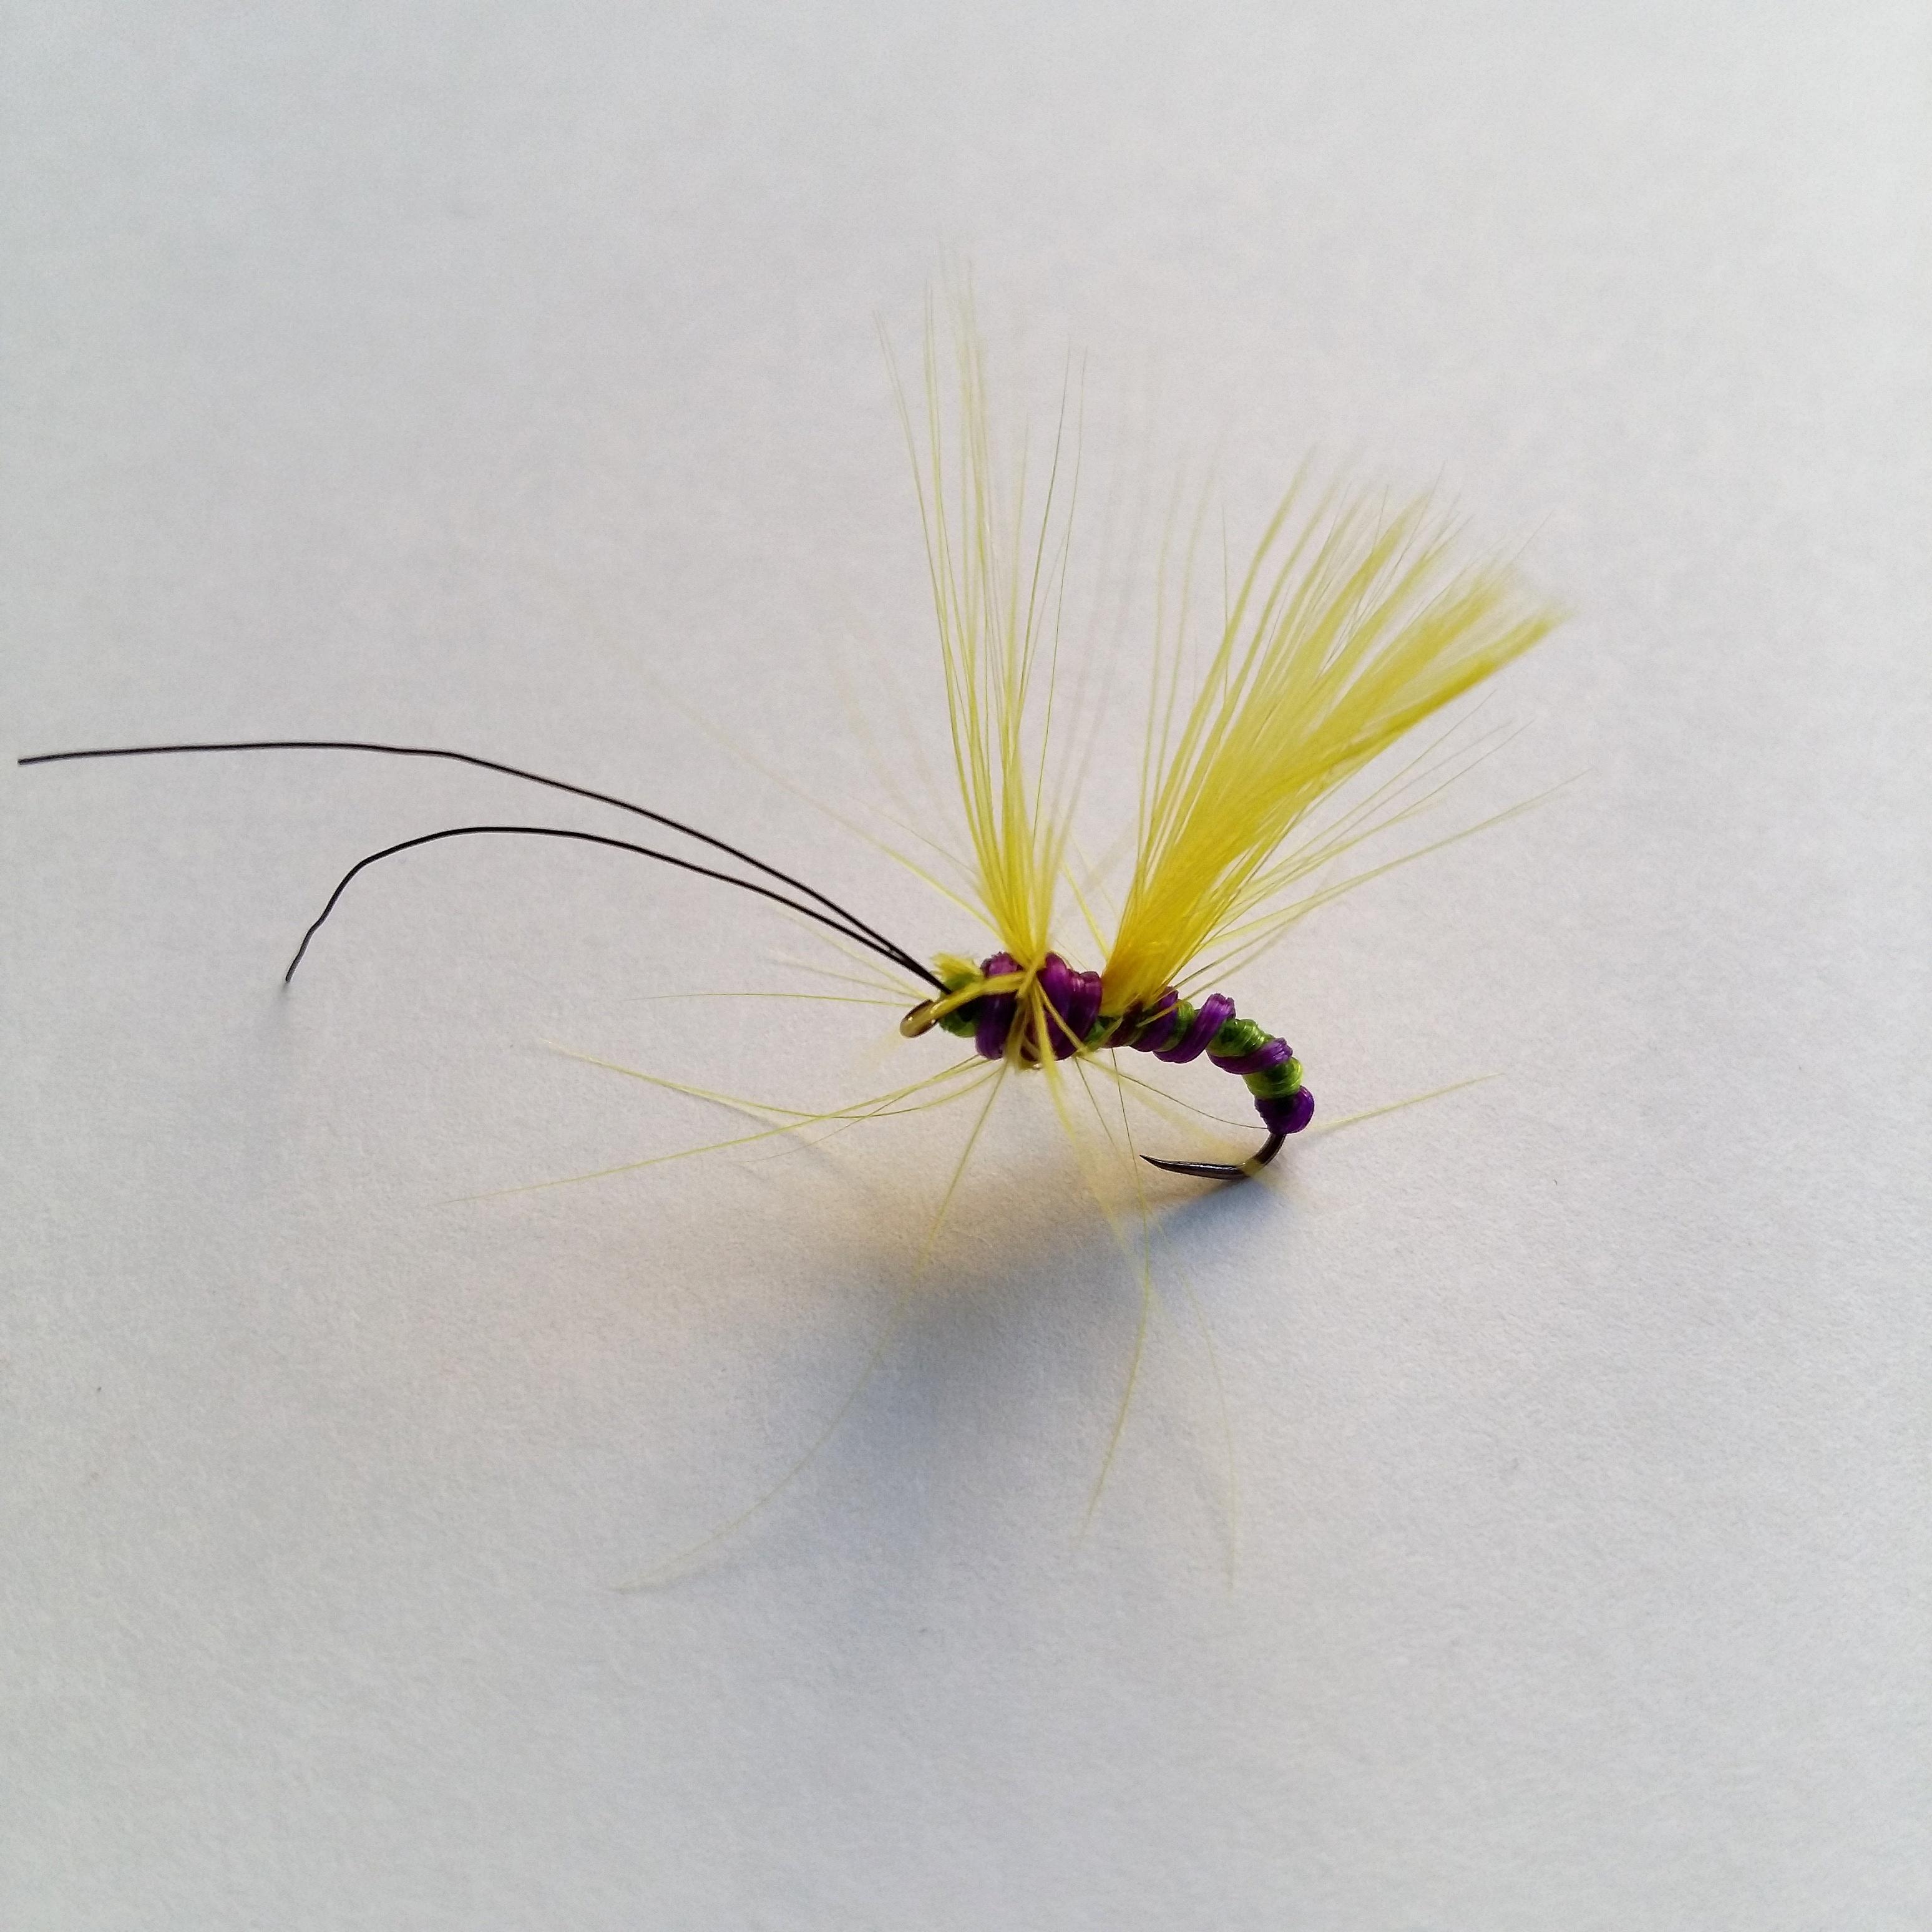 flyfishing LM 15